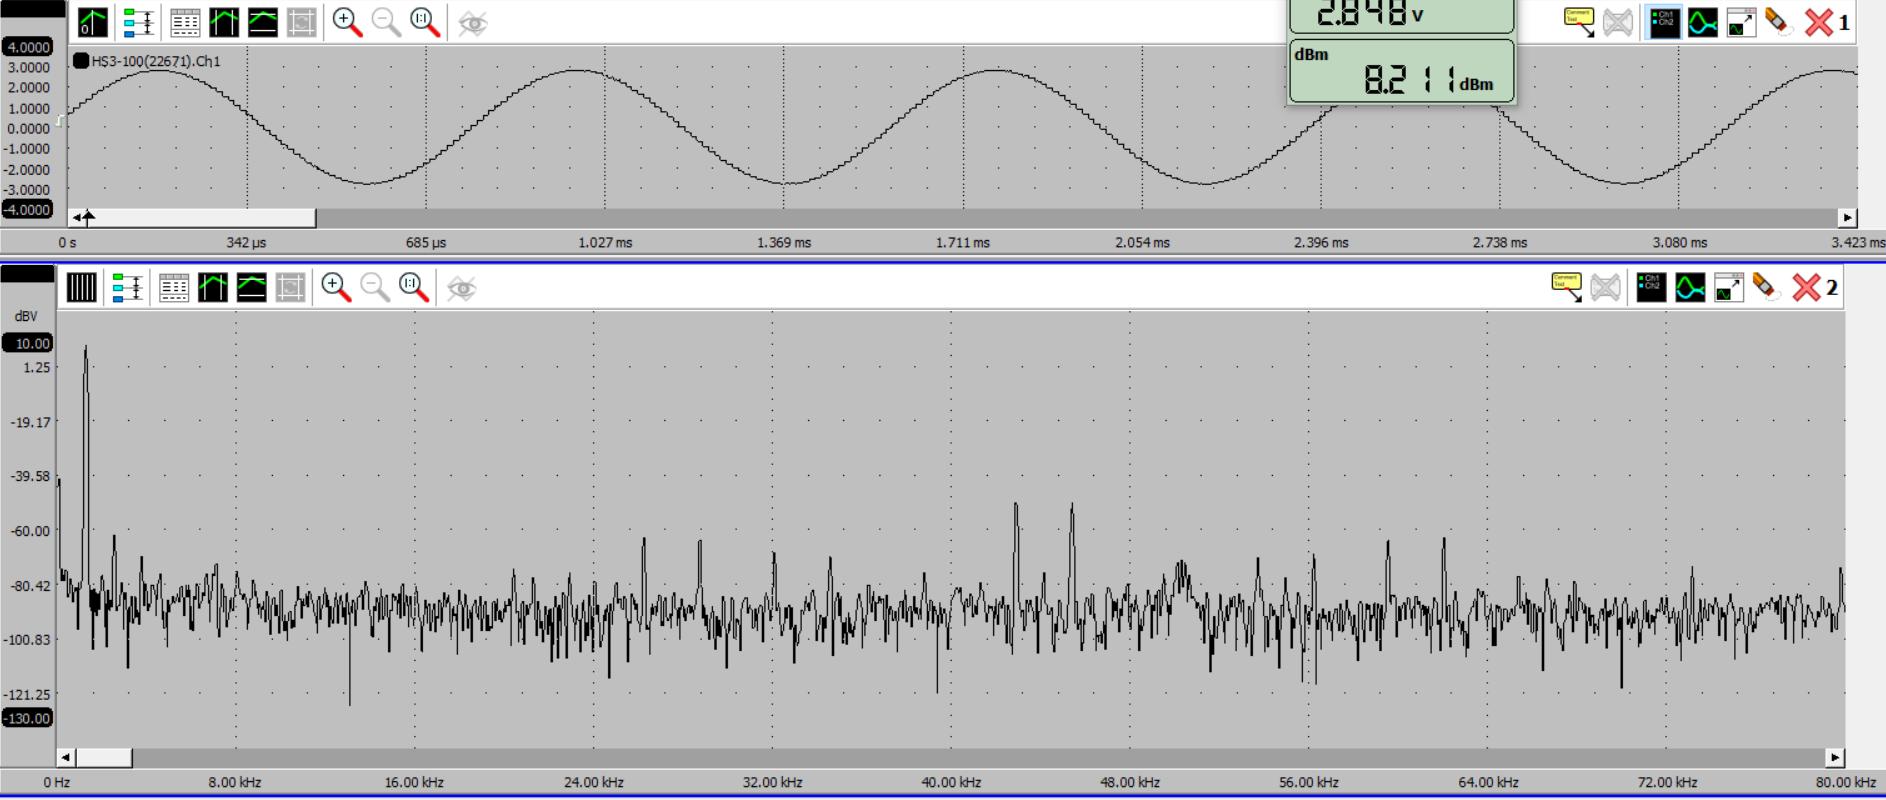 Esperimento sull'interpolazione lineare - Pagina 5 49162981917_5dd4e1474f_o_d